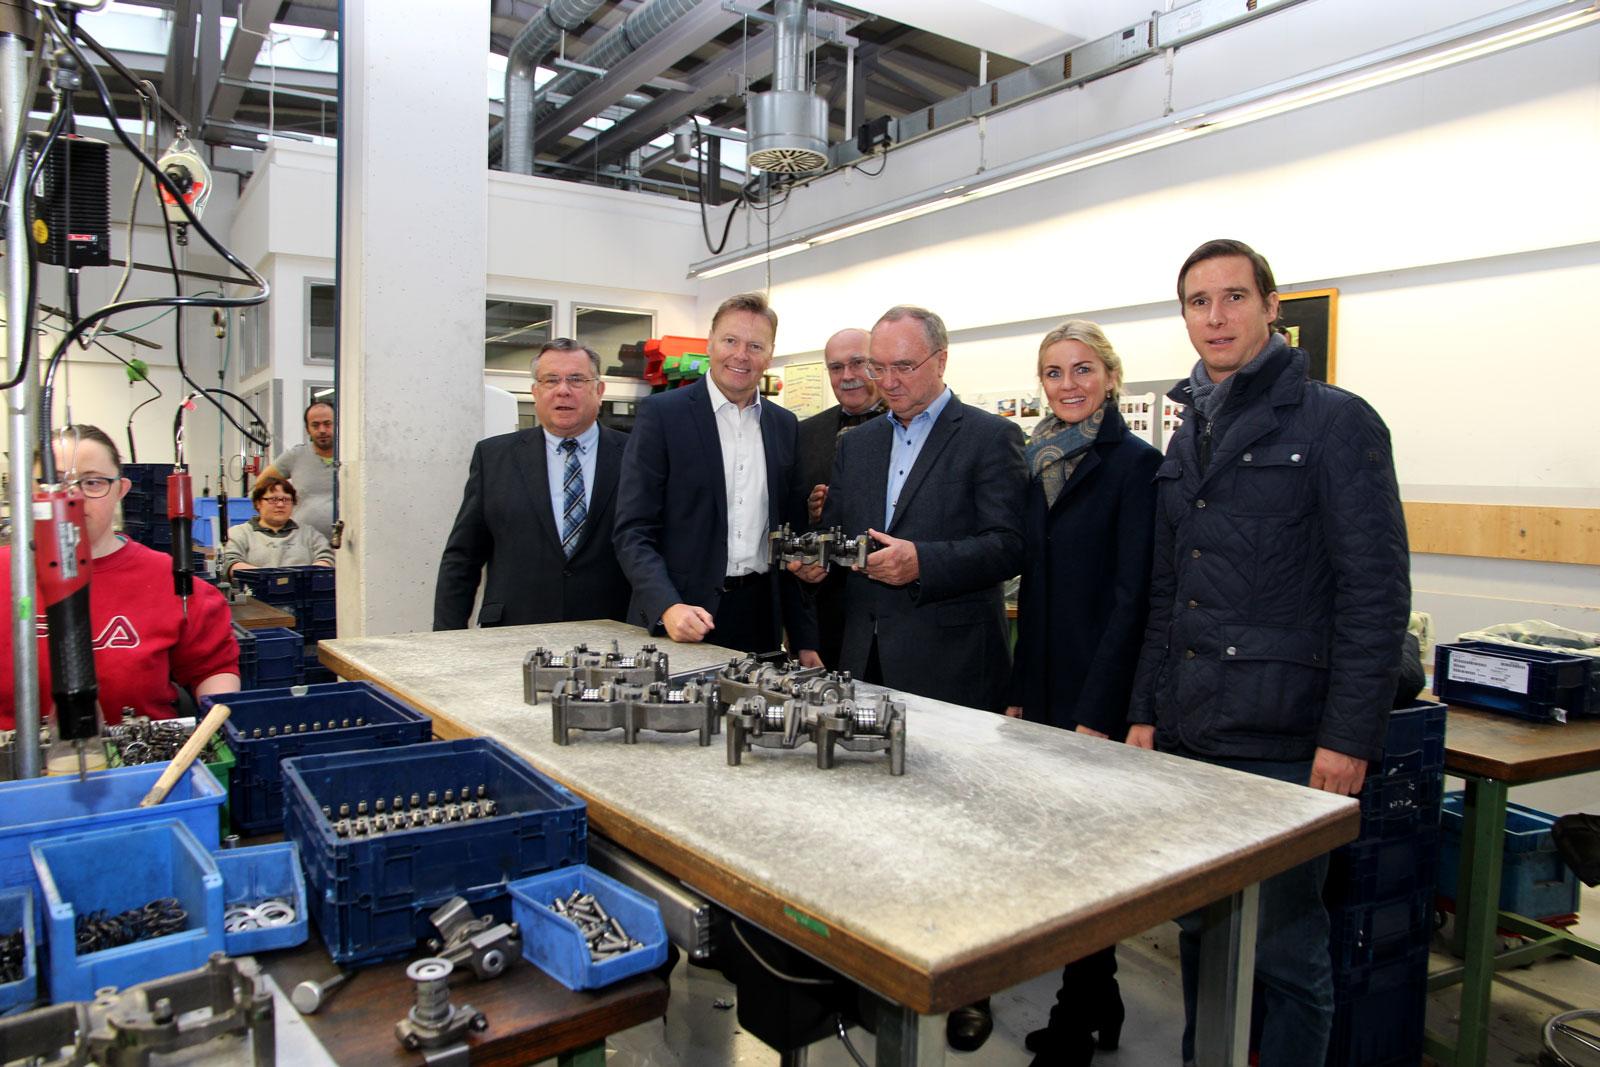 Interessierte Besucher der Maisel-Bau beim Rundgang der Moritzberg-Werkstätten.